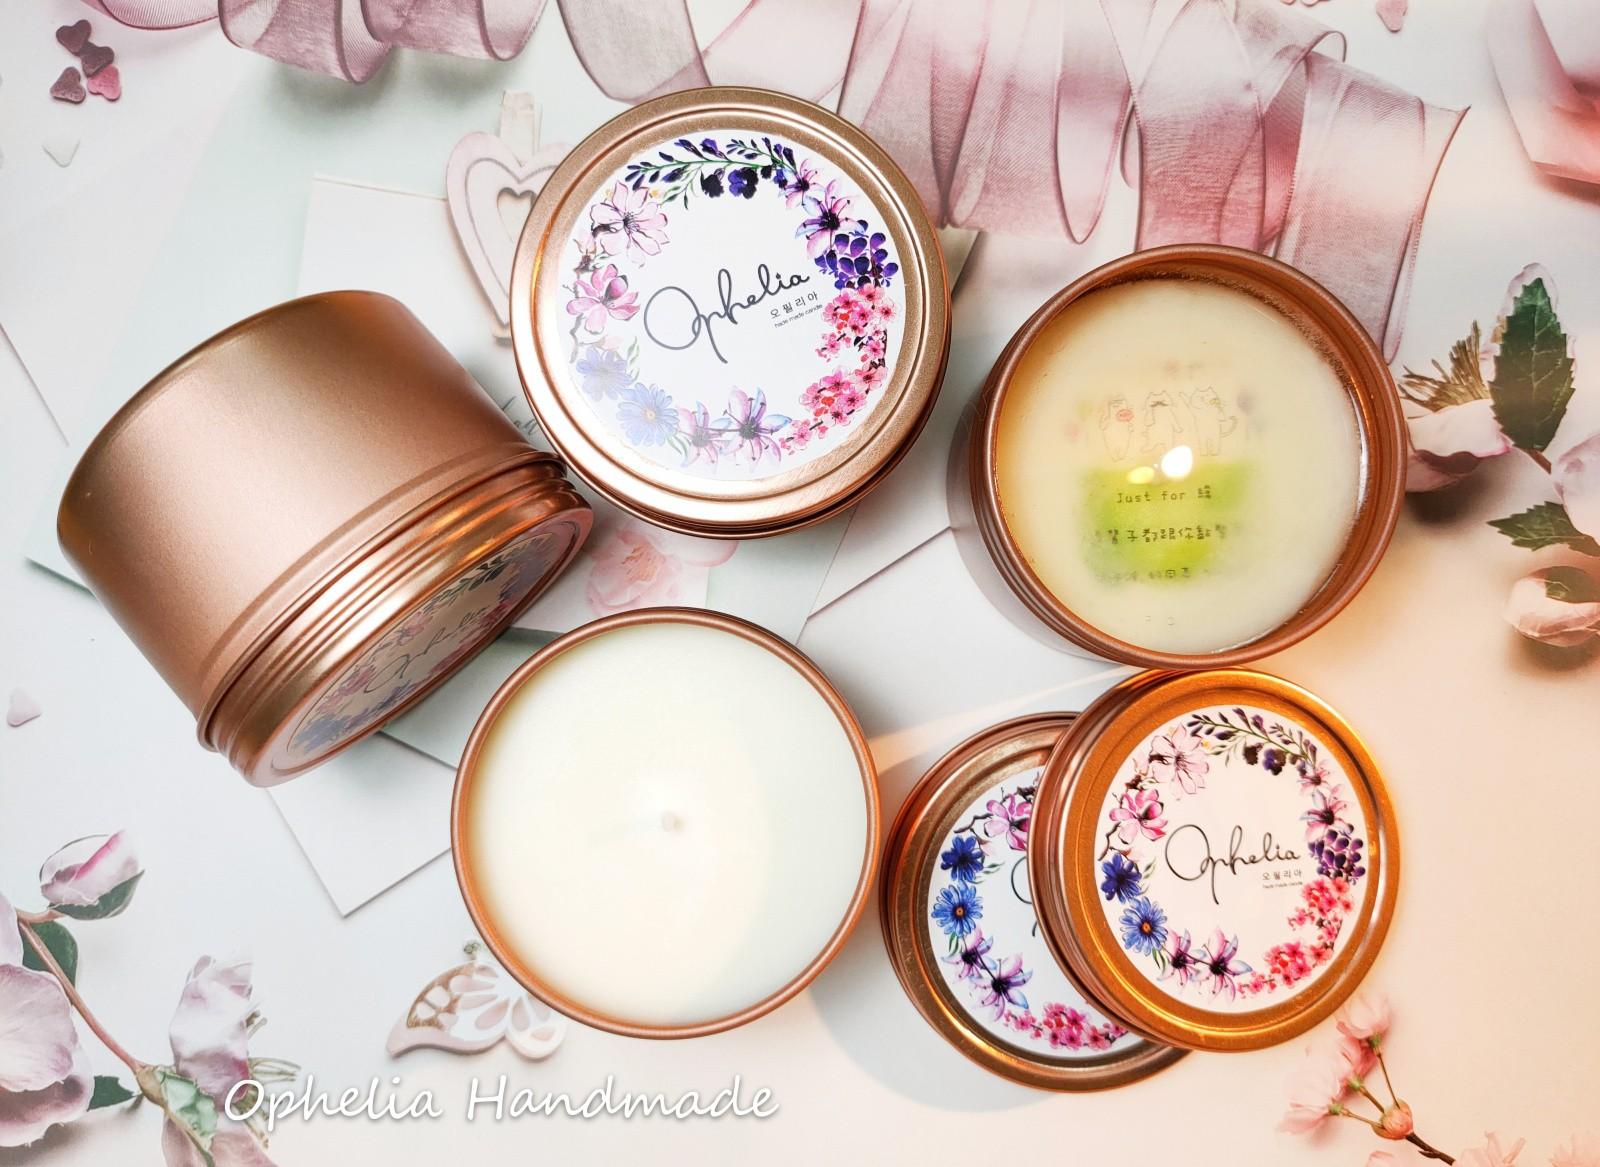 【奧菲莉亞手作香氛】香氛訊息蠟燭/告白蠟燭